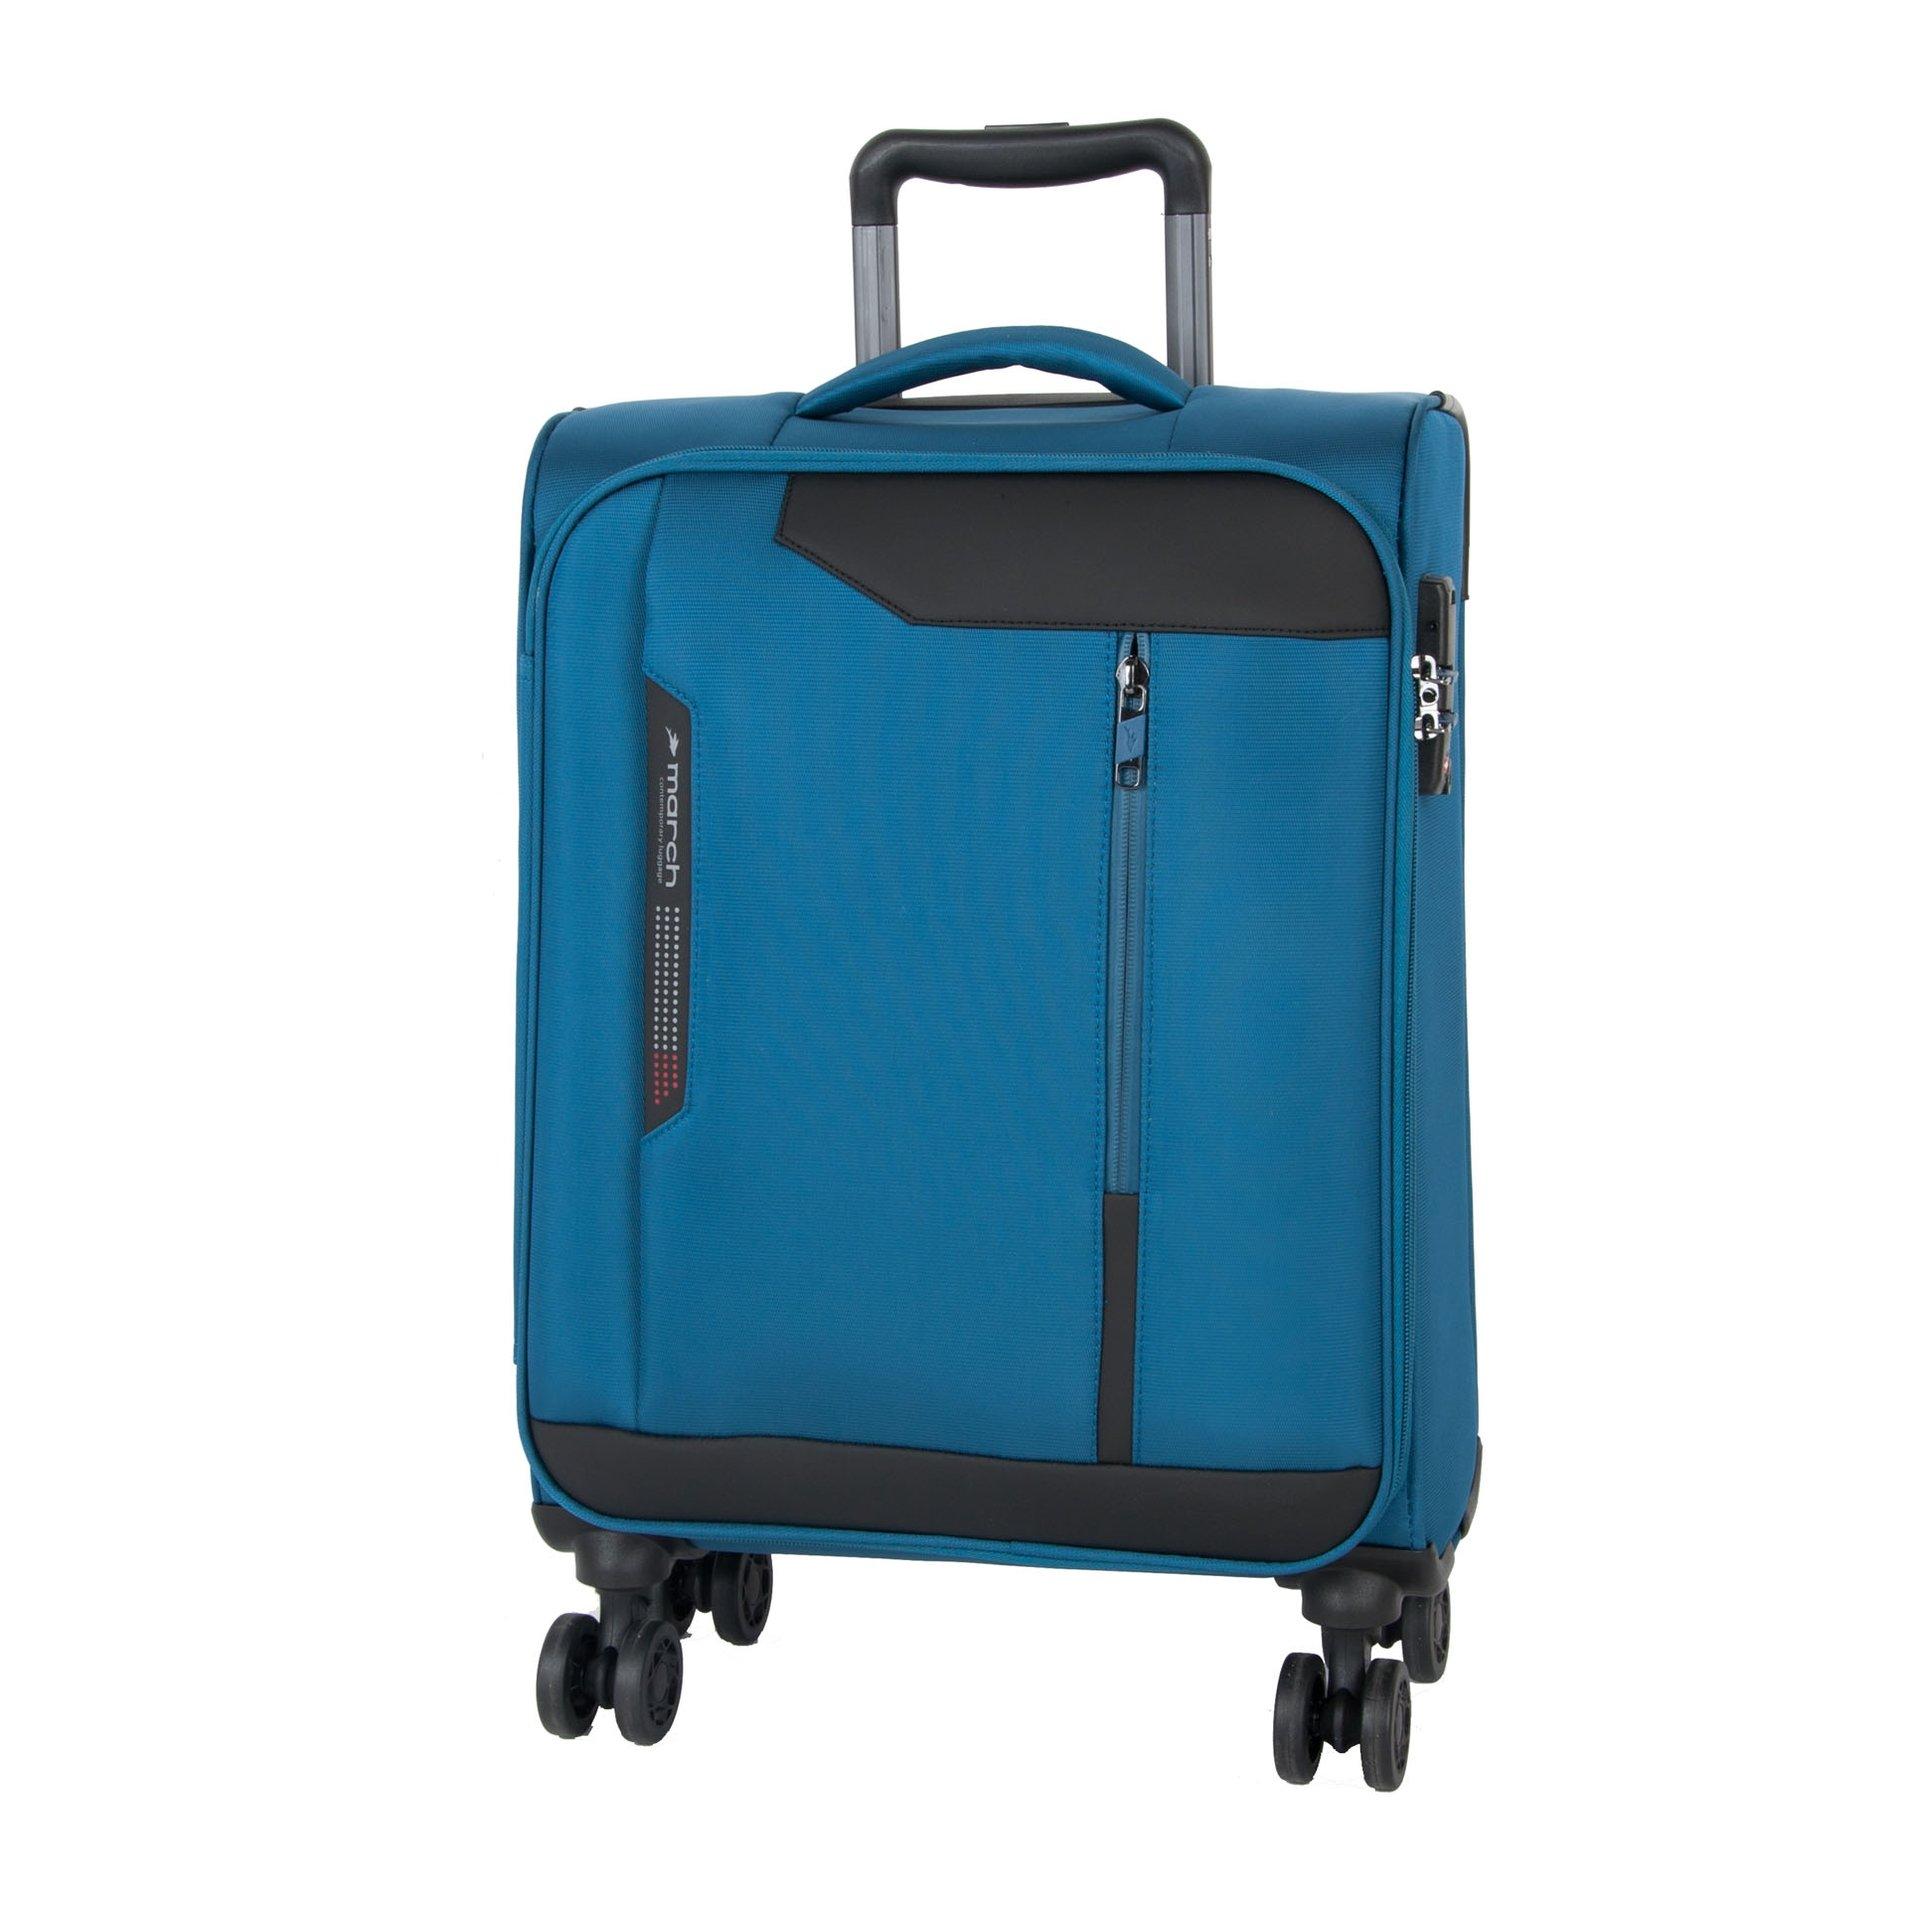 Cestovní kufr March Stardust S Petrol blue